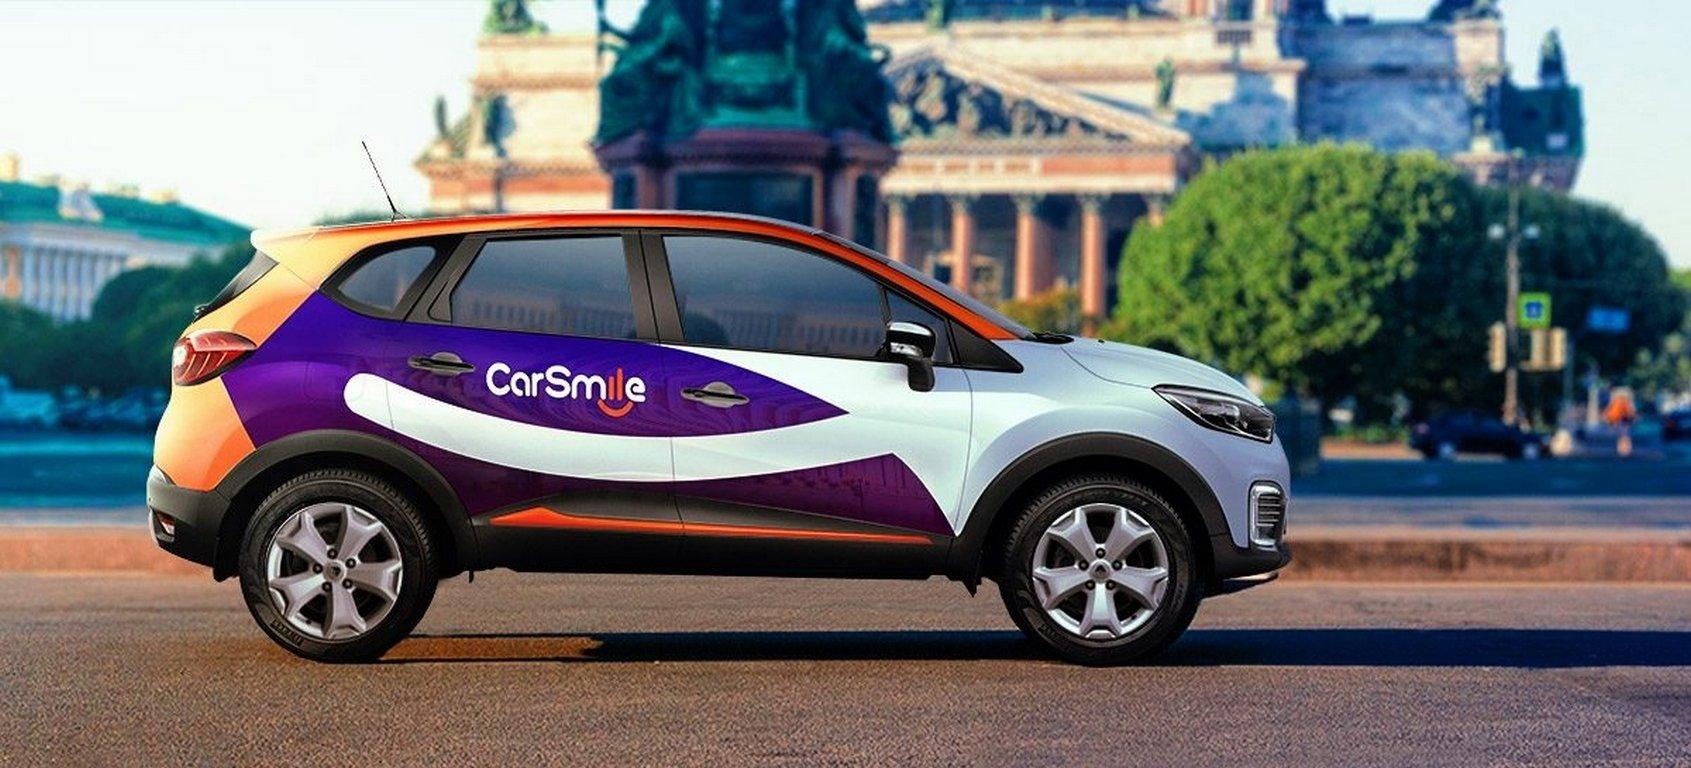 Каршеринг CarSmile